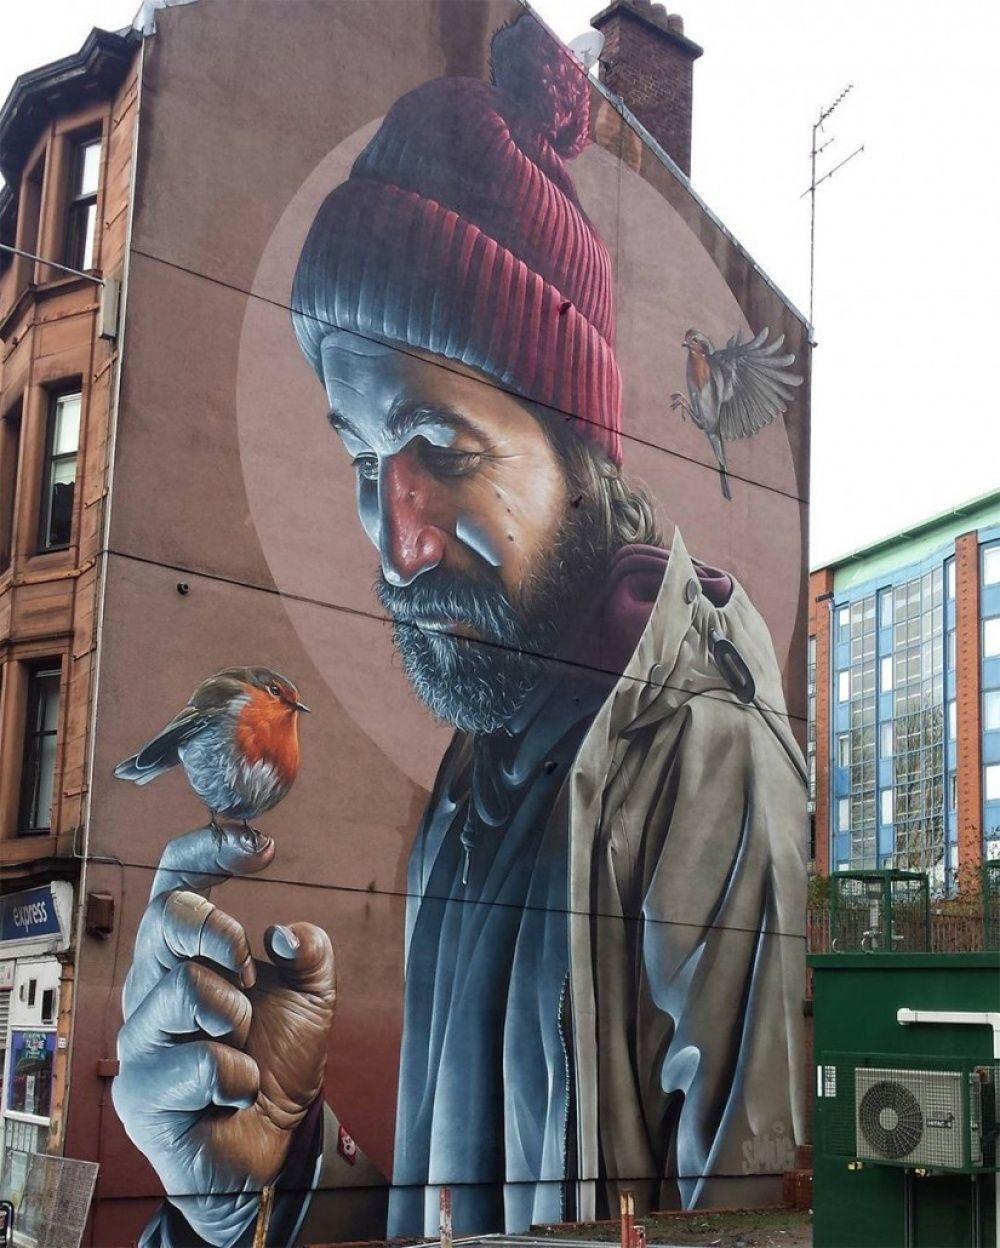 Un vistazo a las mejores obras de arte urbano en el mundo